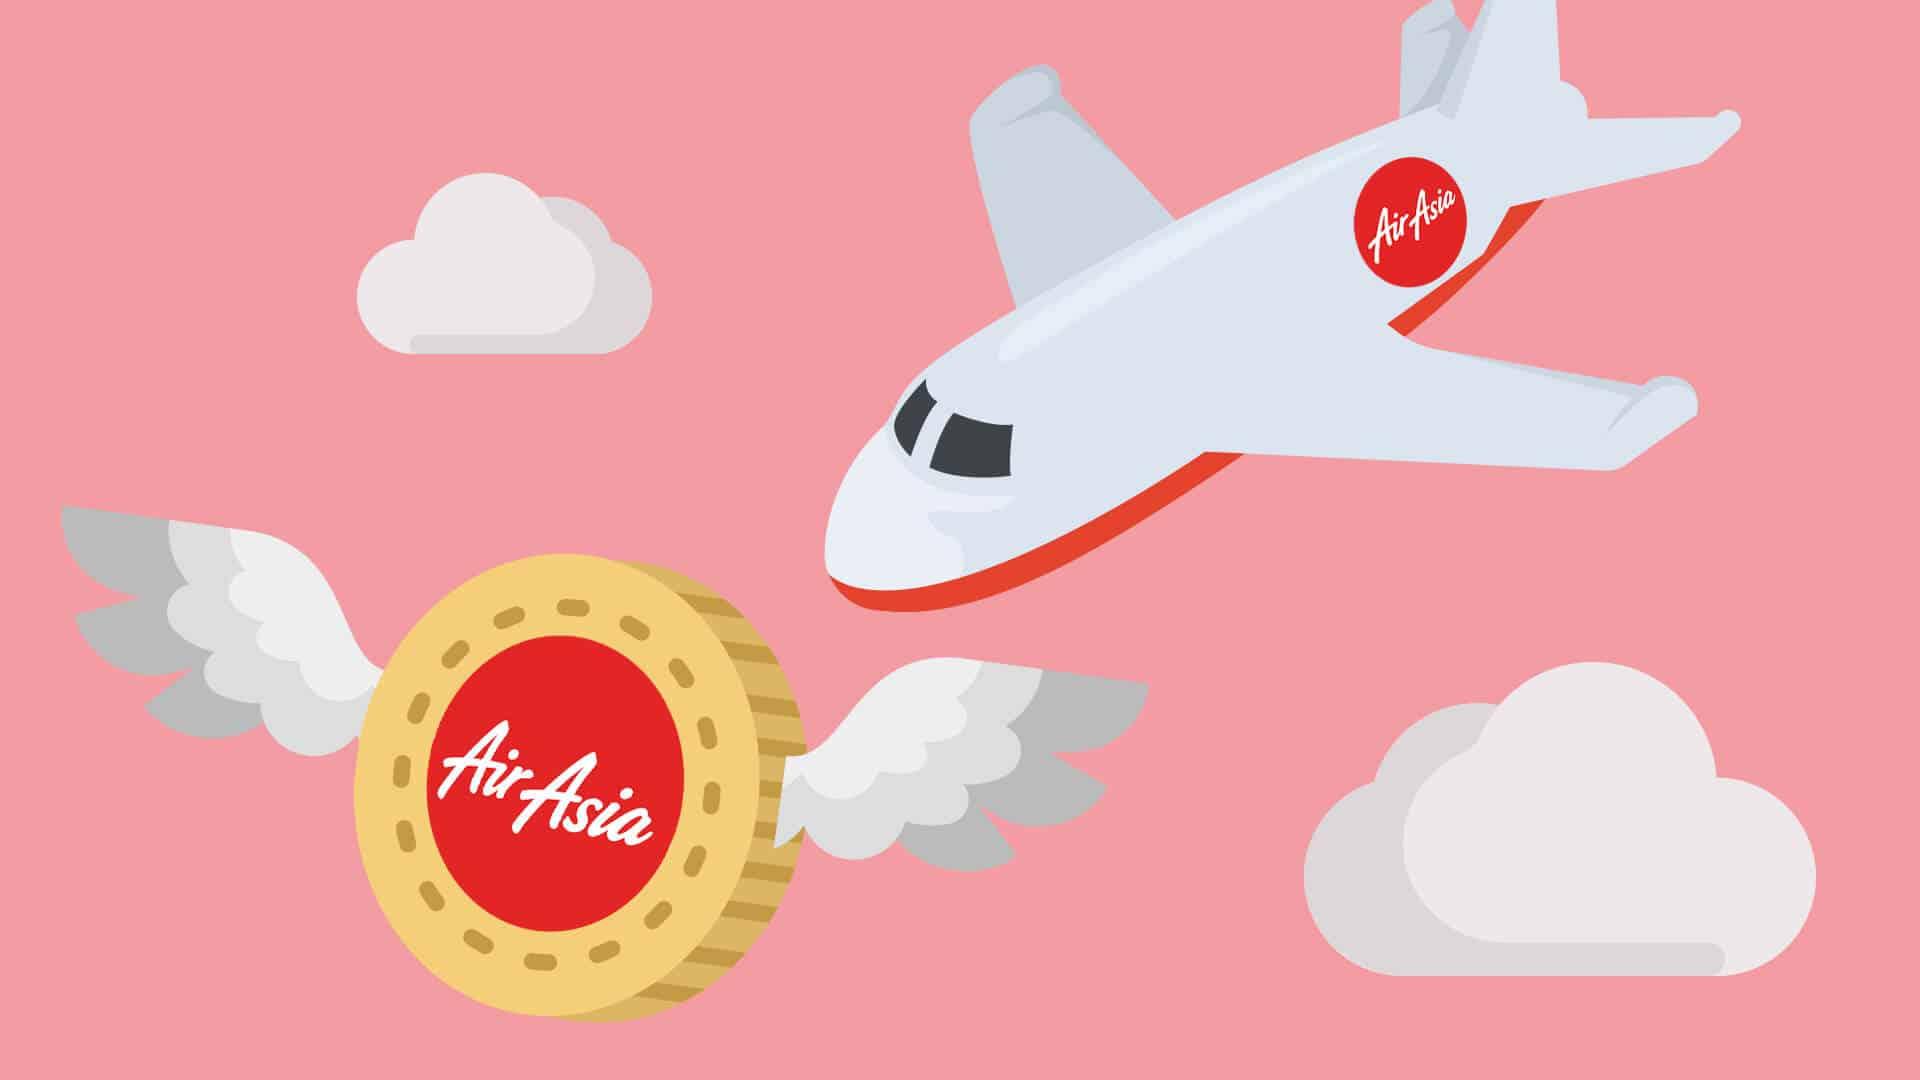 AirAsia Flugzeug mit BigCoin Kryptowährung, ähnlich wie Bitcoin, Ethereum, EOS